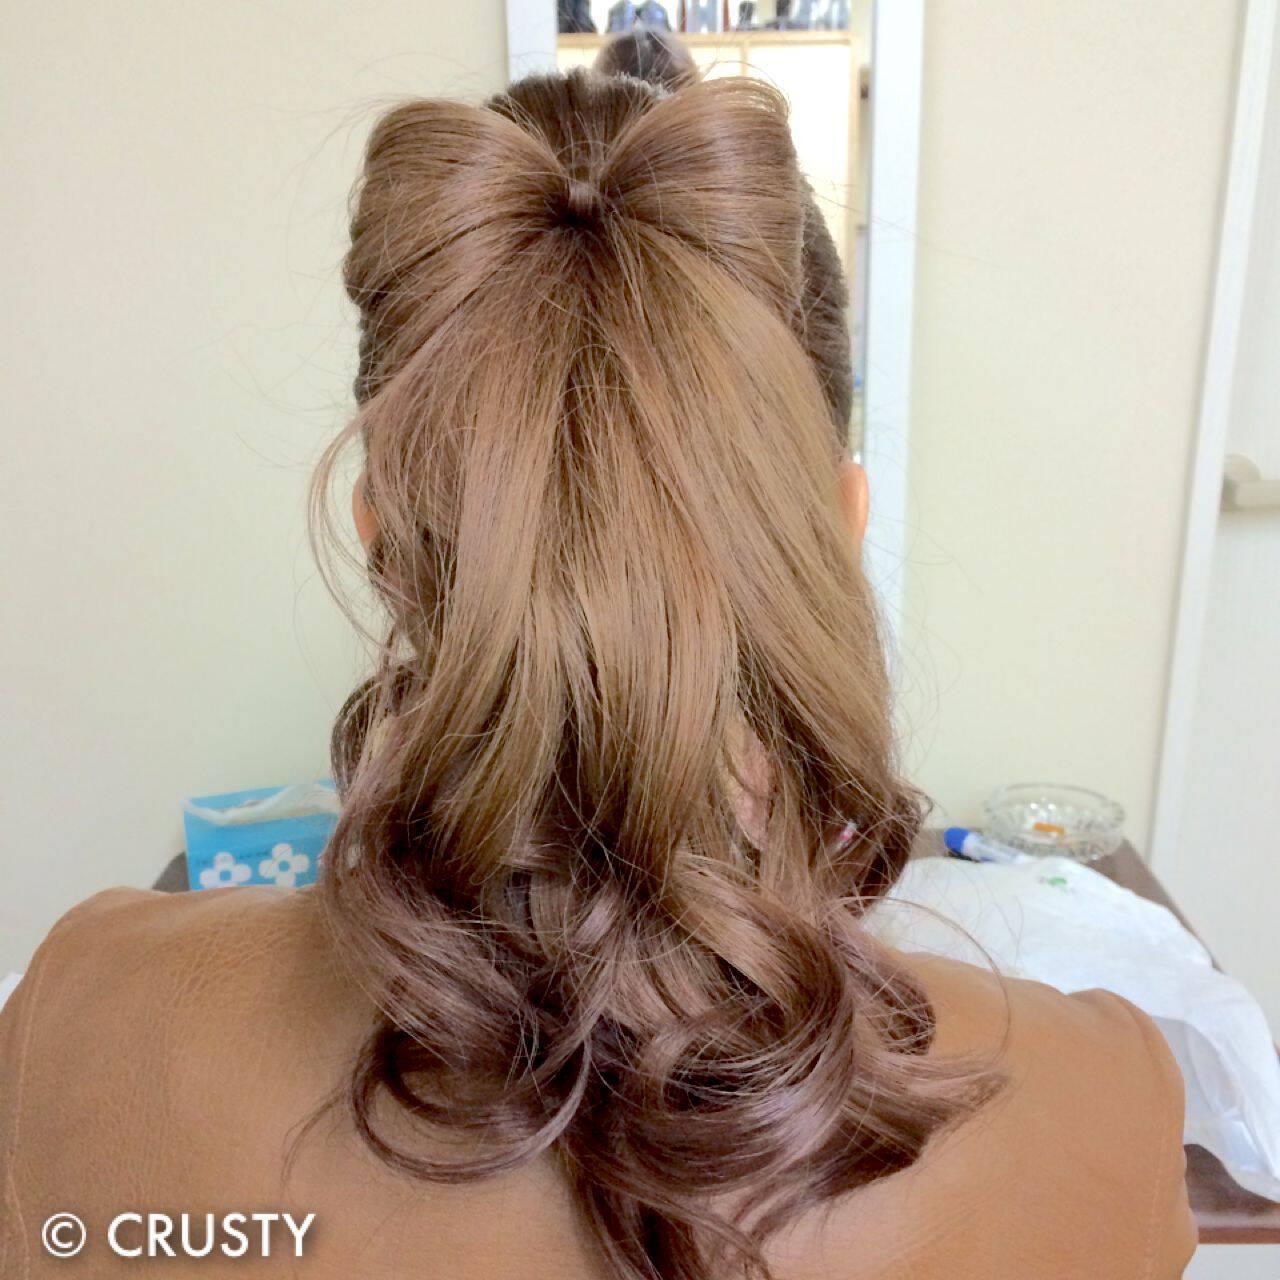 ロング 結婚式 ヘアアレンジ ポニーテールヘアスタイルや髪型の写真・画像